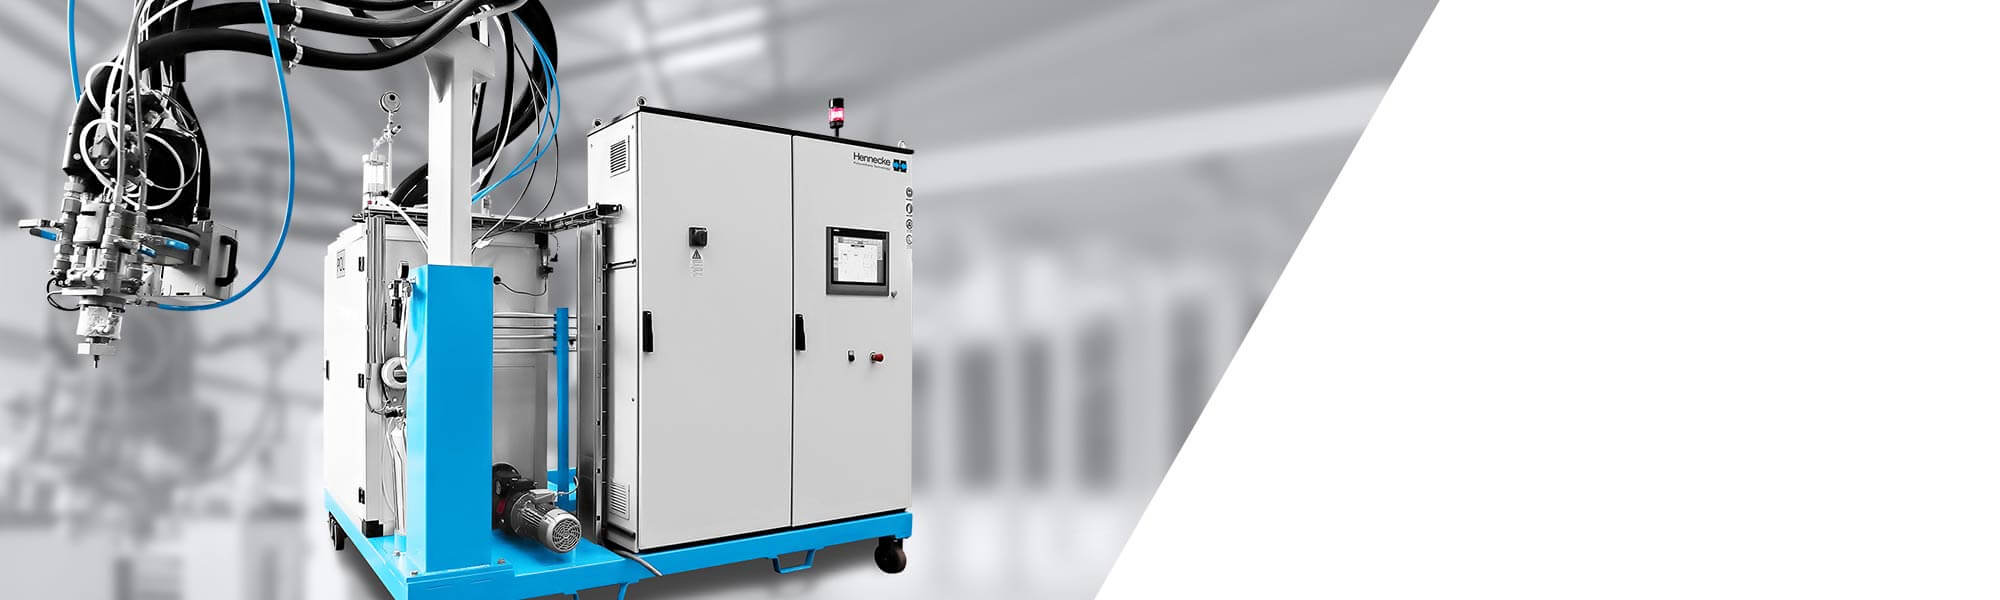 습식 압축 성형(WCM) 응용을 위한 저압 메터링